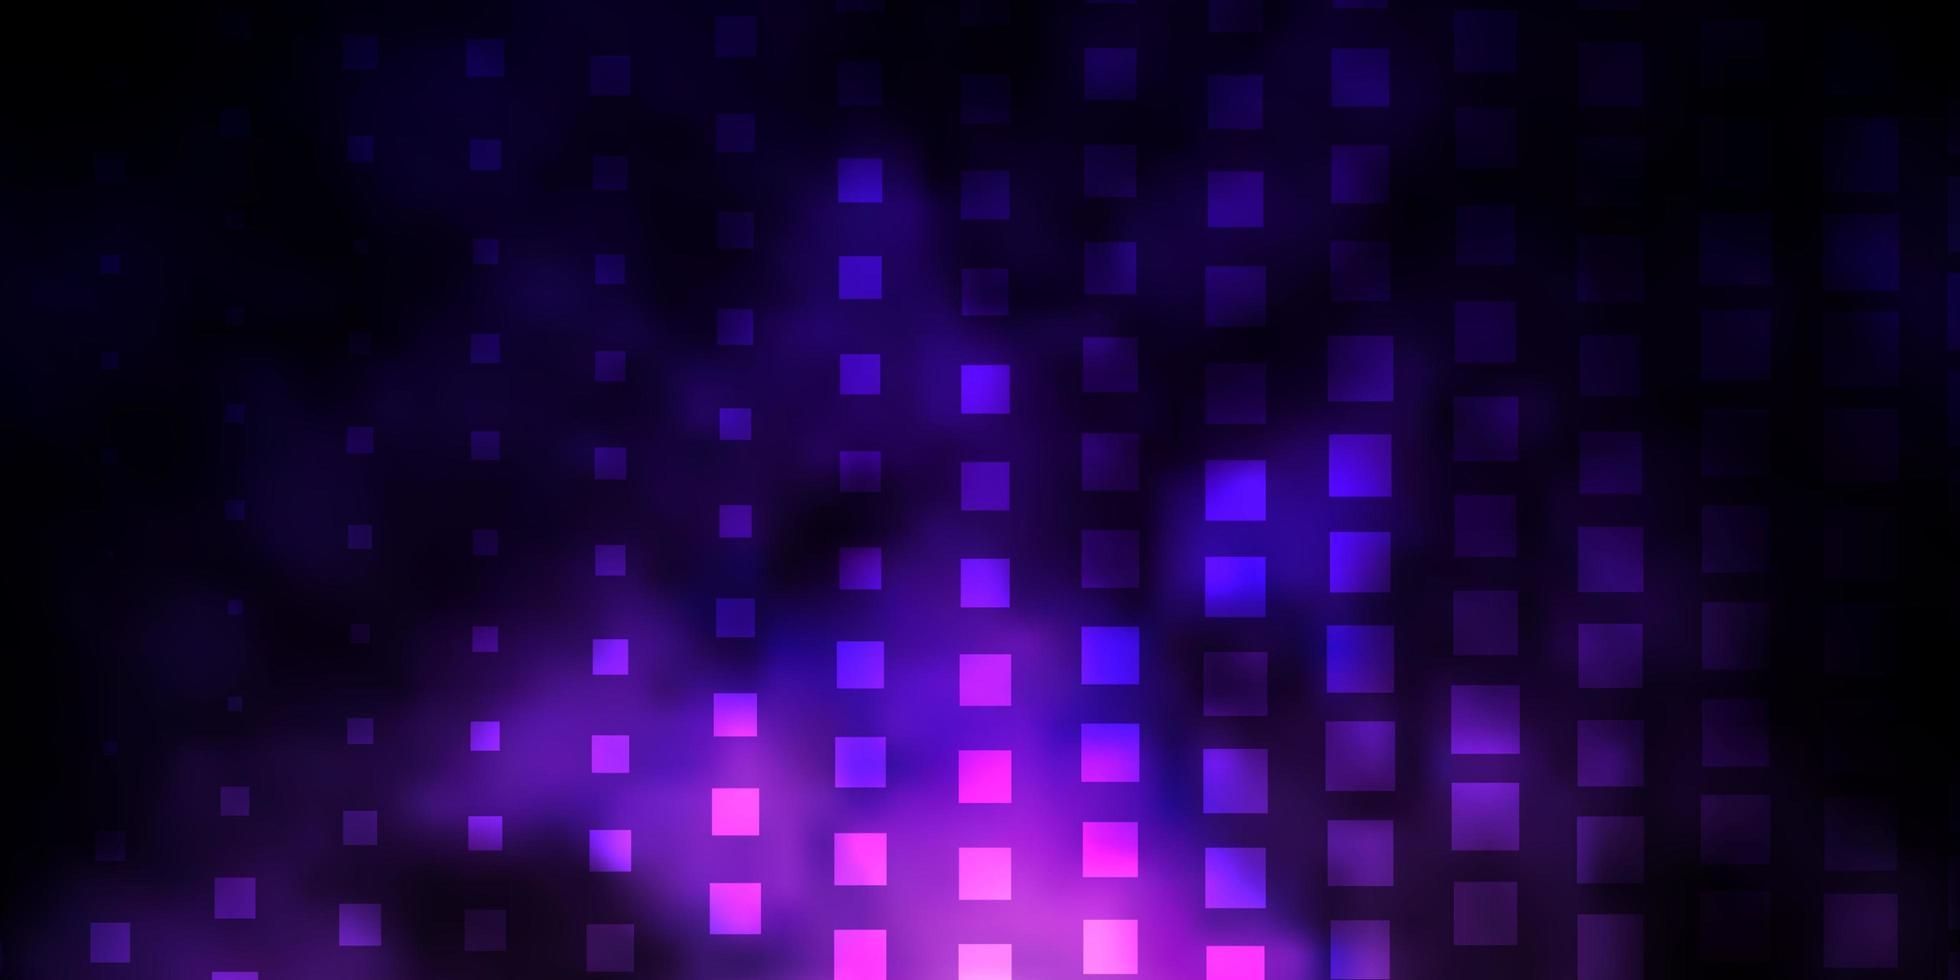 modelo de vetor roxo escuro com retângulos.